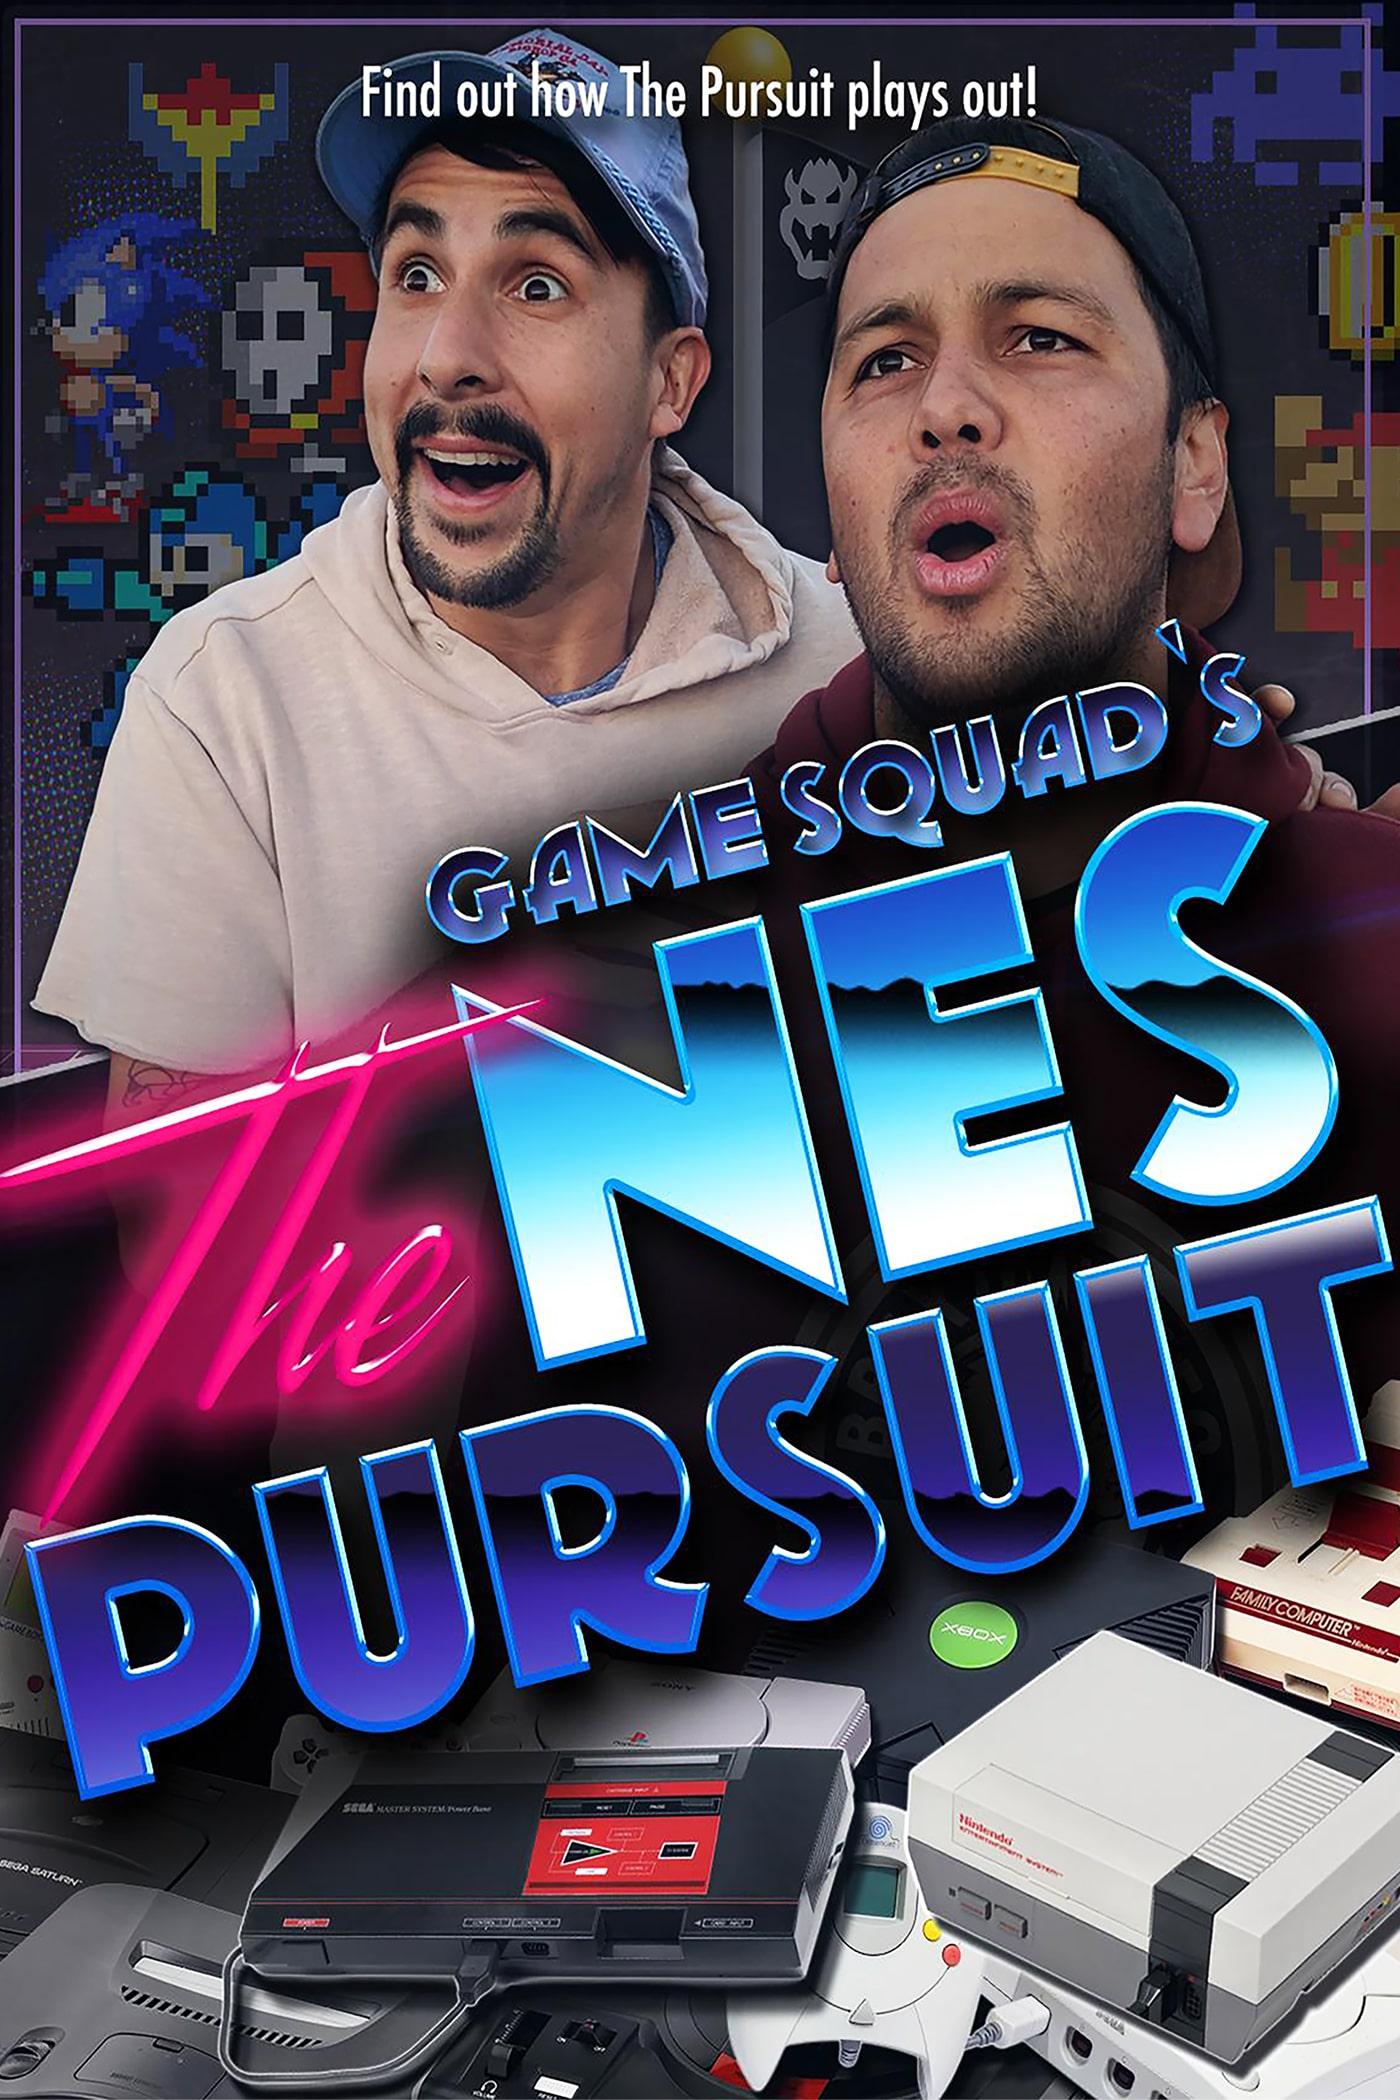 Game Squad's NES Pursuit